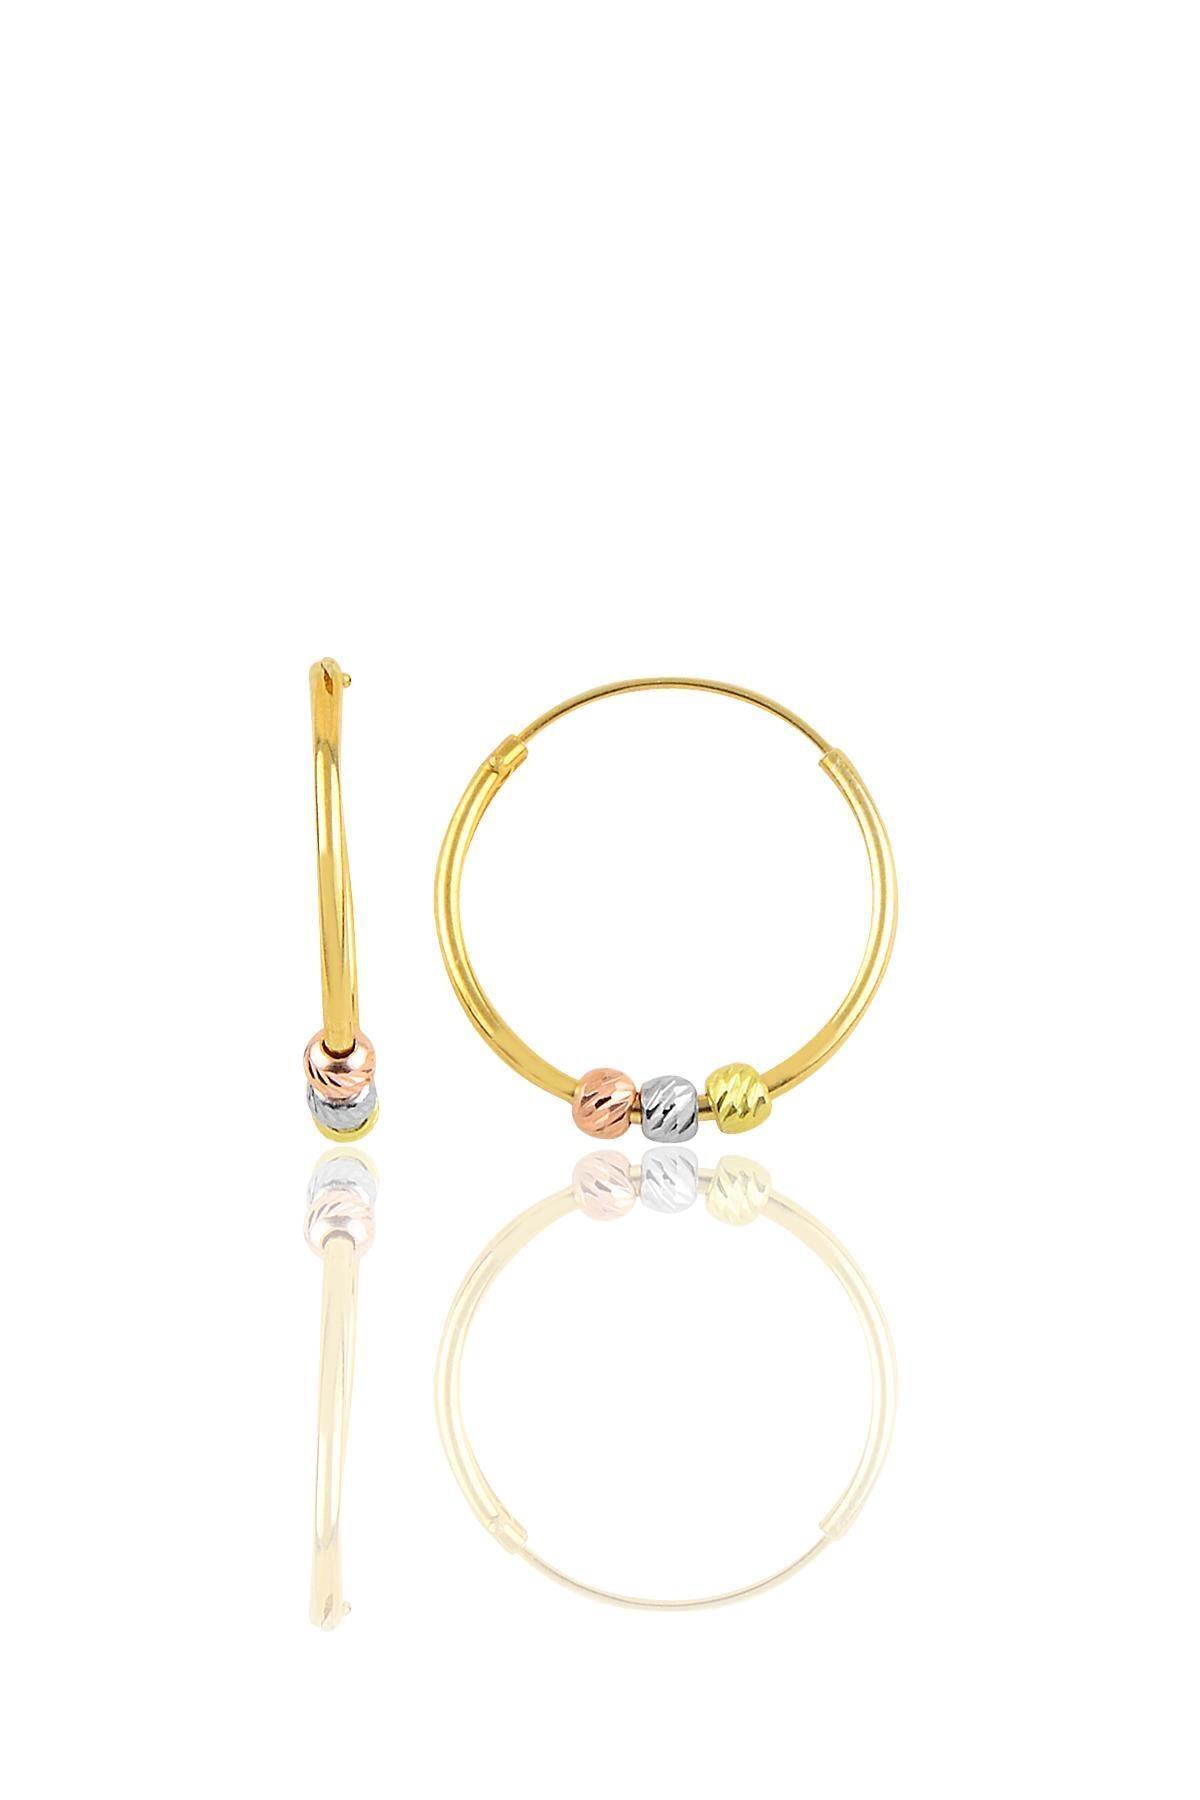 Söğütlü Silver Gümüş Altın Yaldızlı 18 Mm Renkli Doricalı Halka Küpe